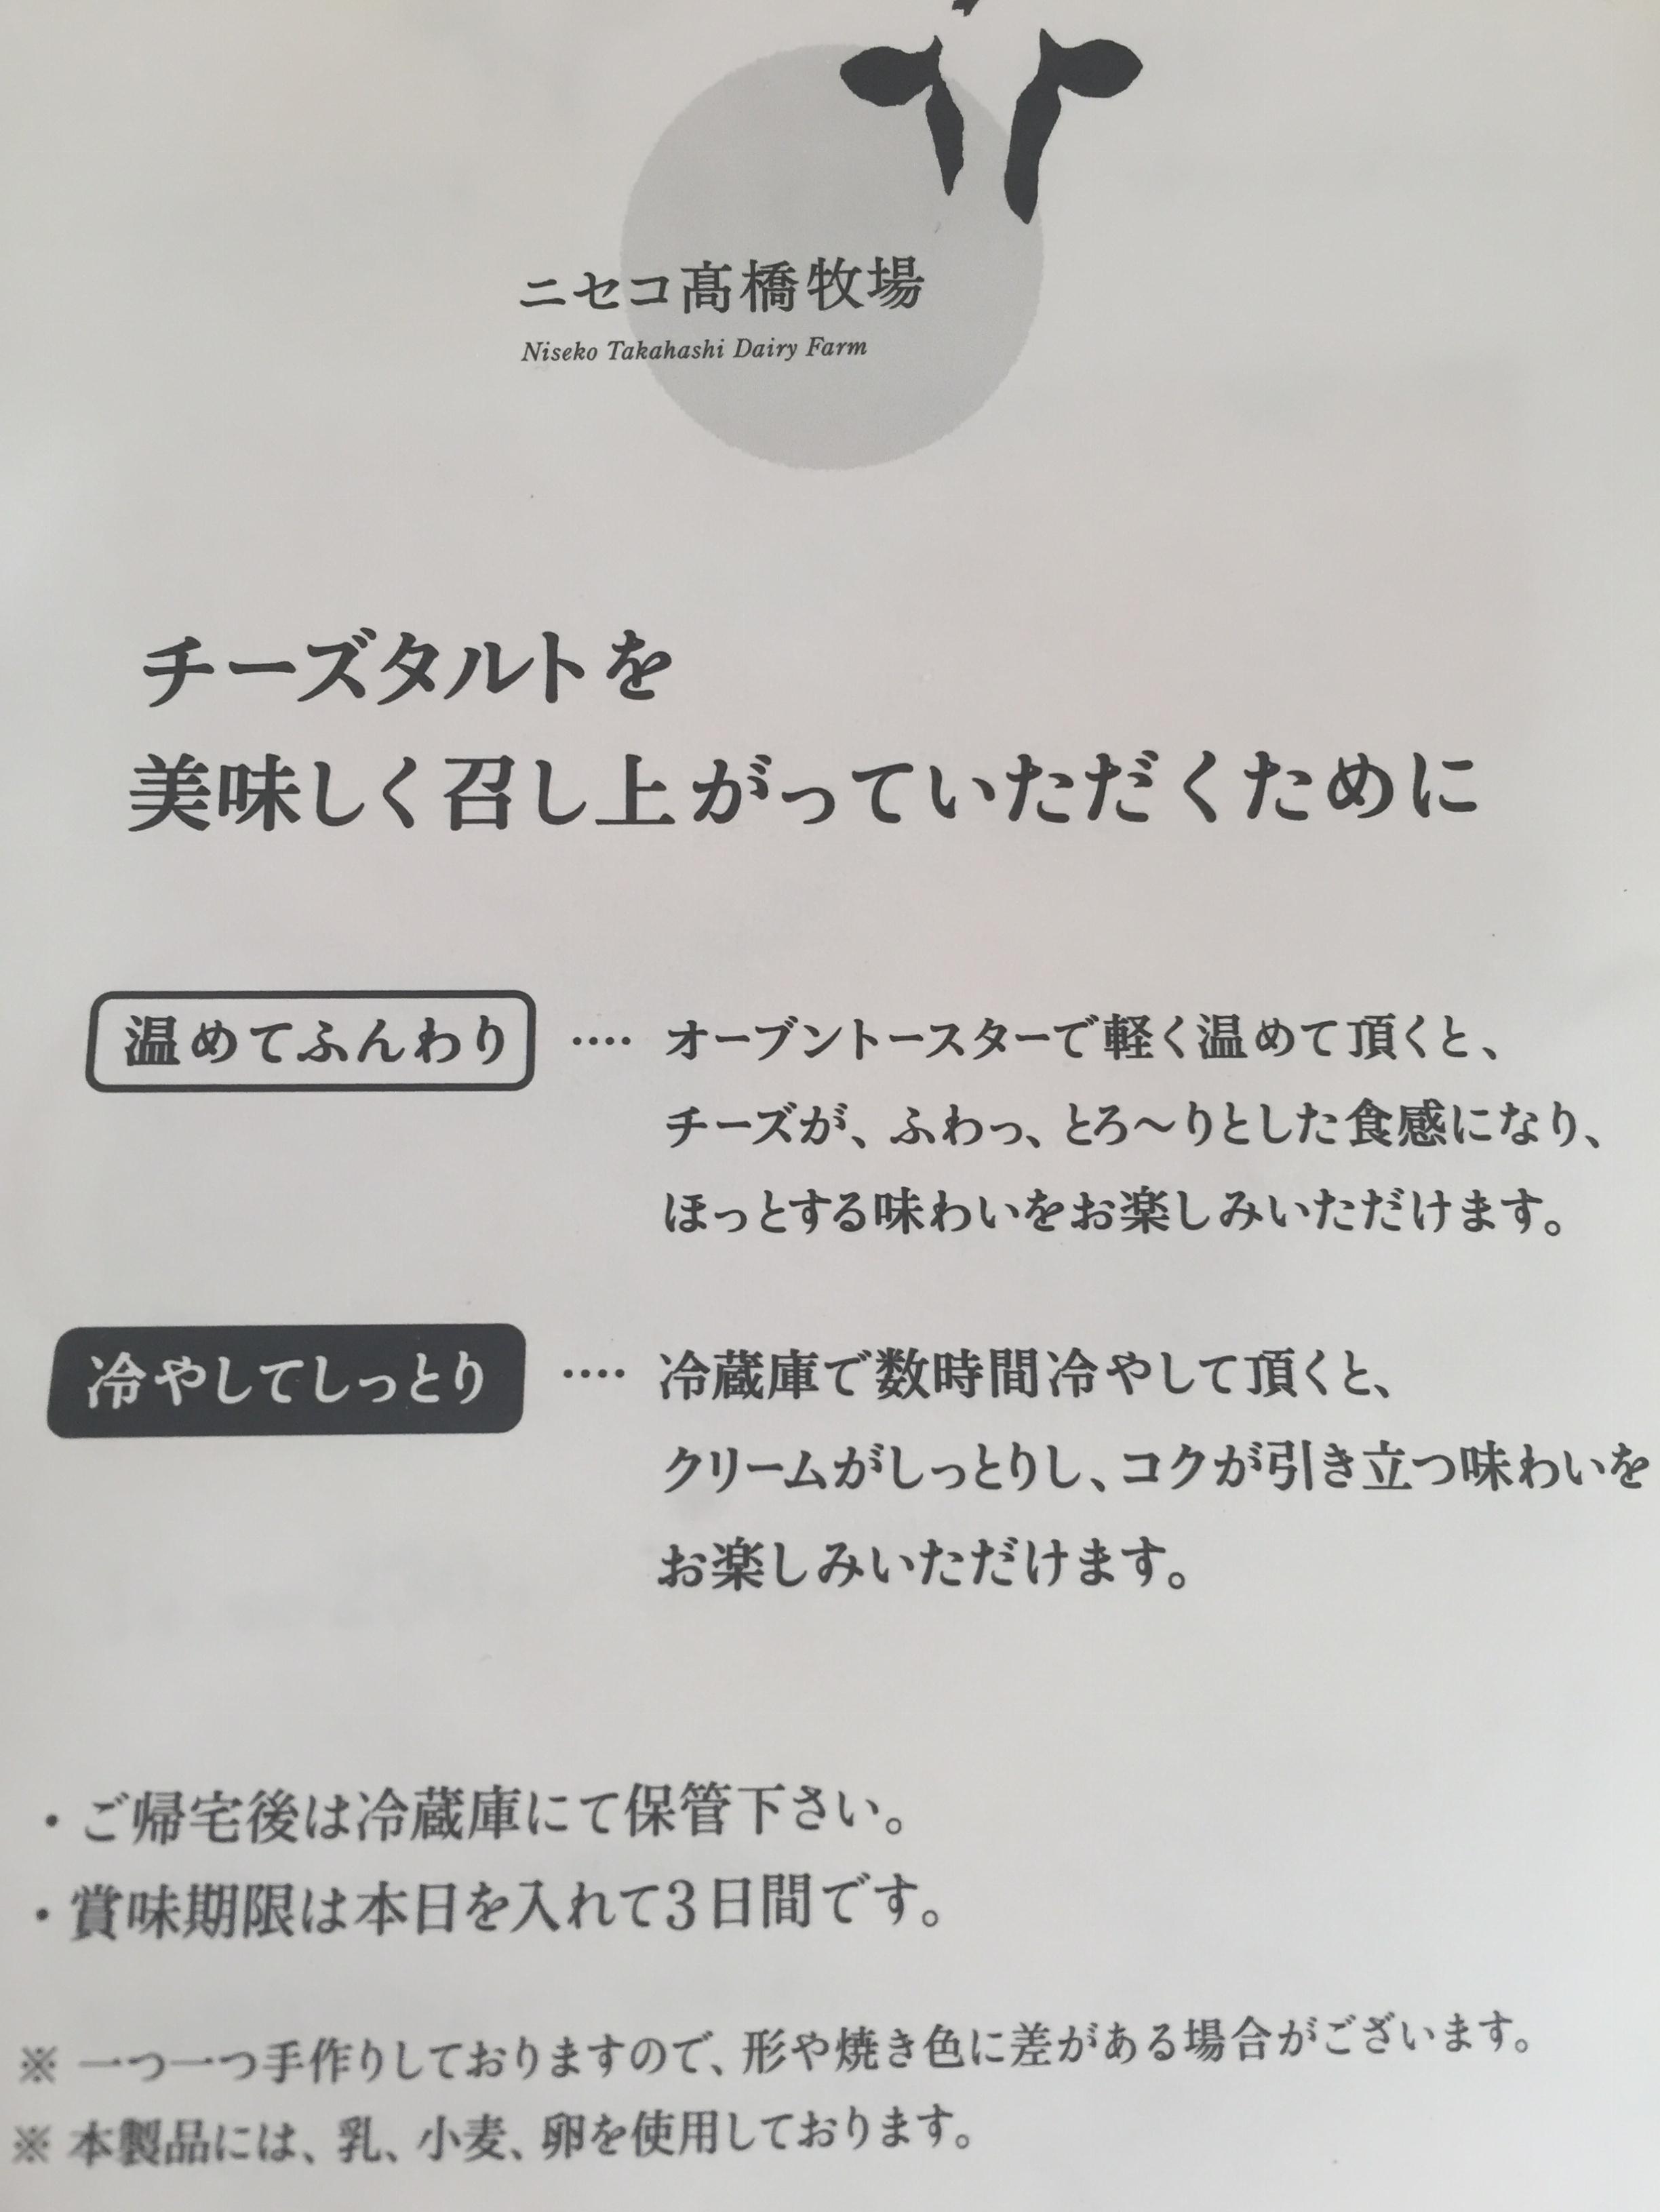 北海道で人気「ニセコ髙橋牧場」のチーズタルトが吉祥寺で買えるようになりました!ふわトロなミルク濃厚チーズ❤︎≪samenyan≫_6